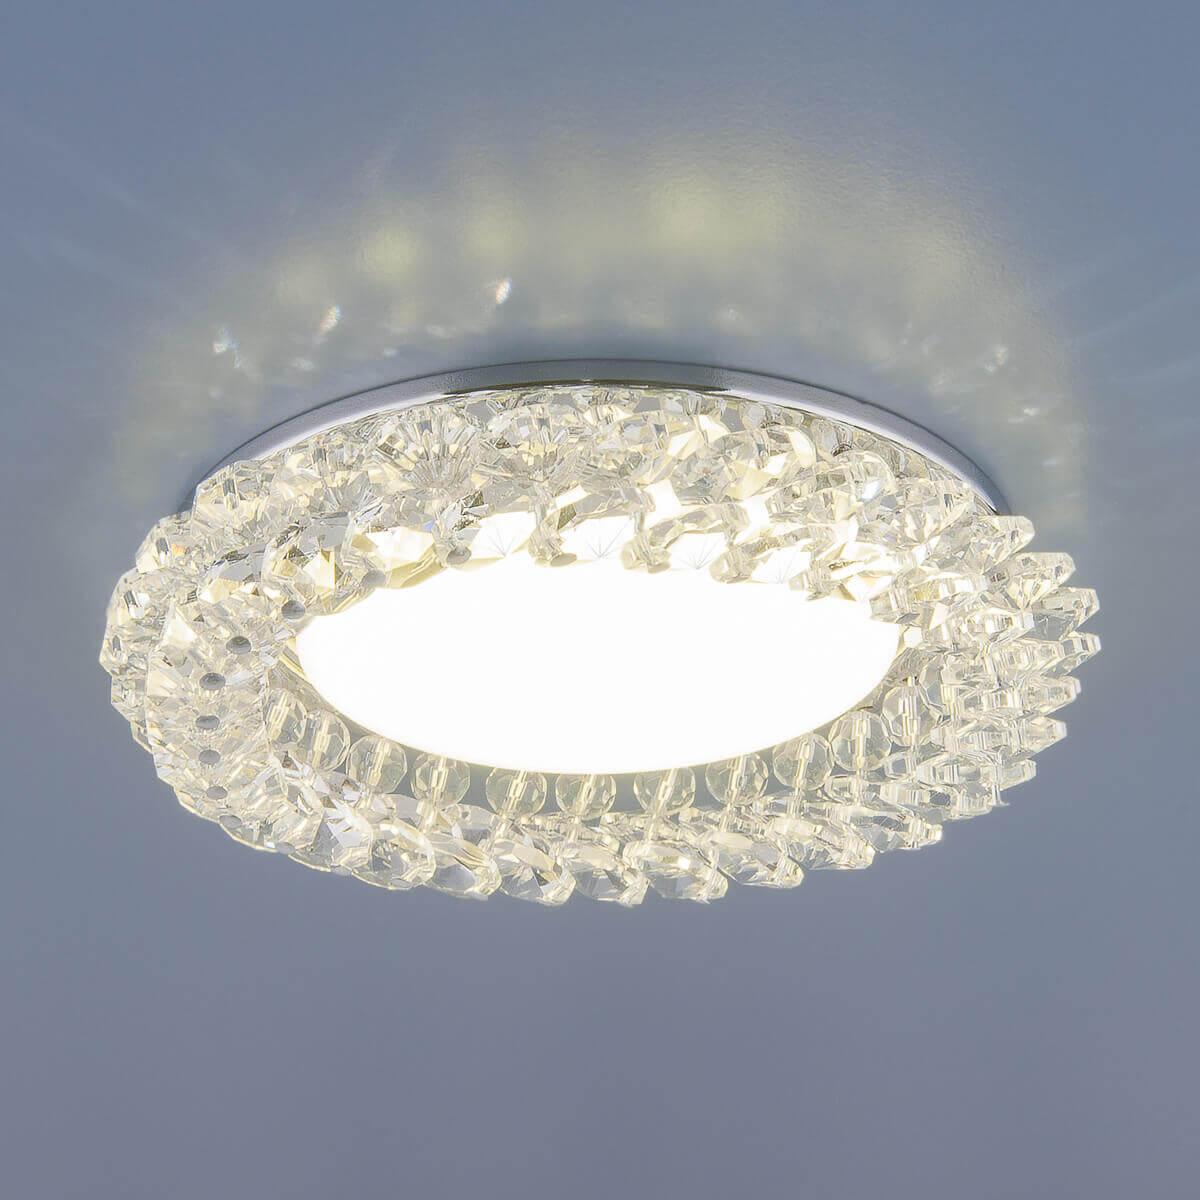 Встраиваемый светильник Elektrostandard 1063 GX53 CH/CL хром/прозрачный 4690389075667